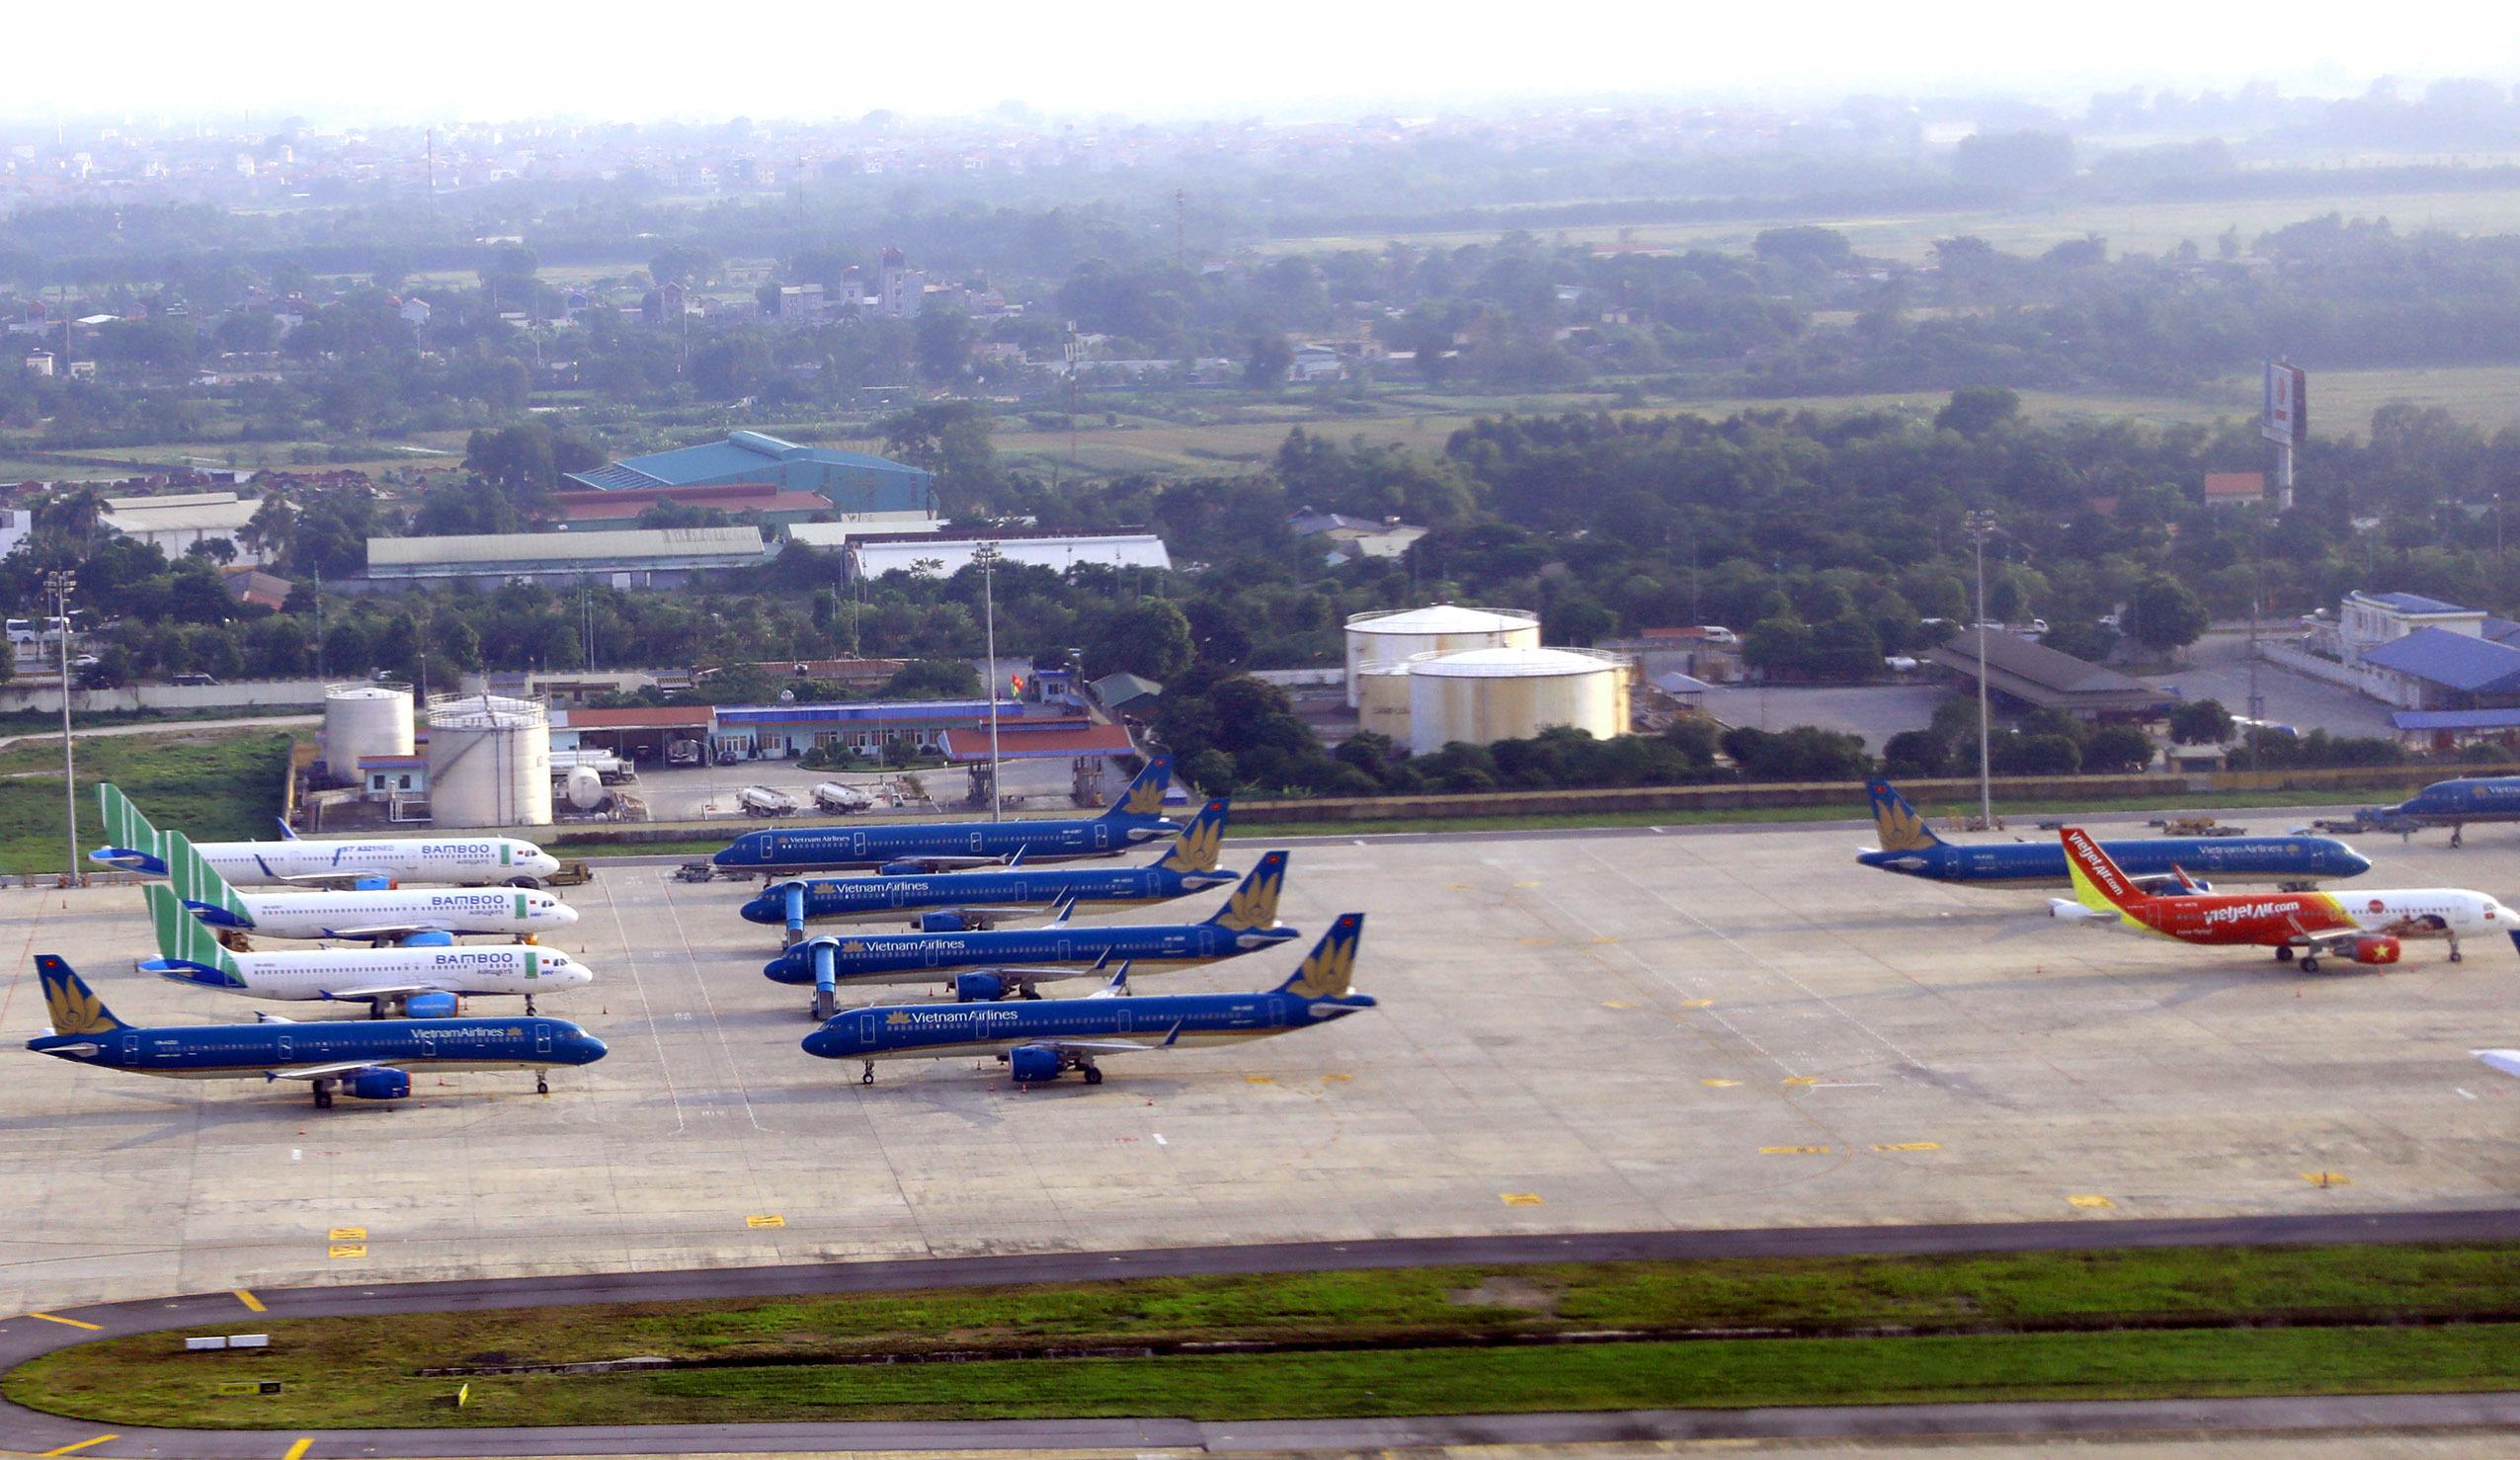 Bộ GTVT báo cáo Thủ tướng dừng và giảm đường bay để bảo vệ Hà Nội